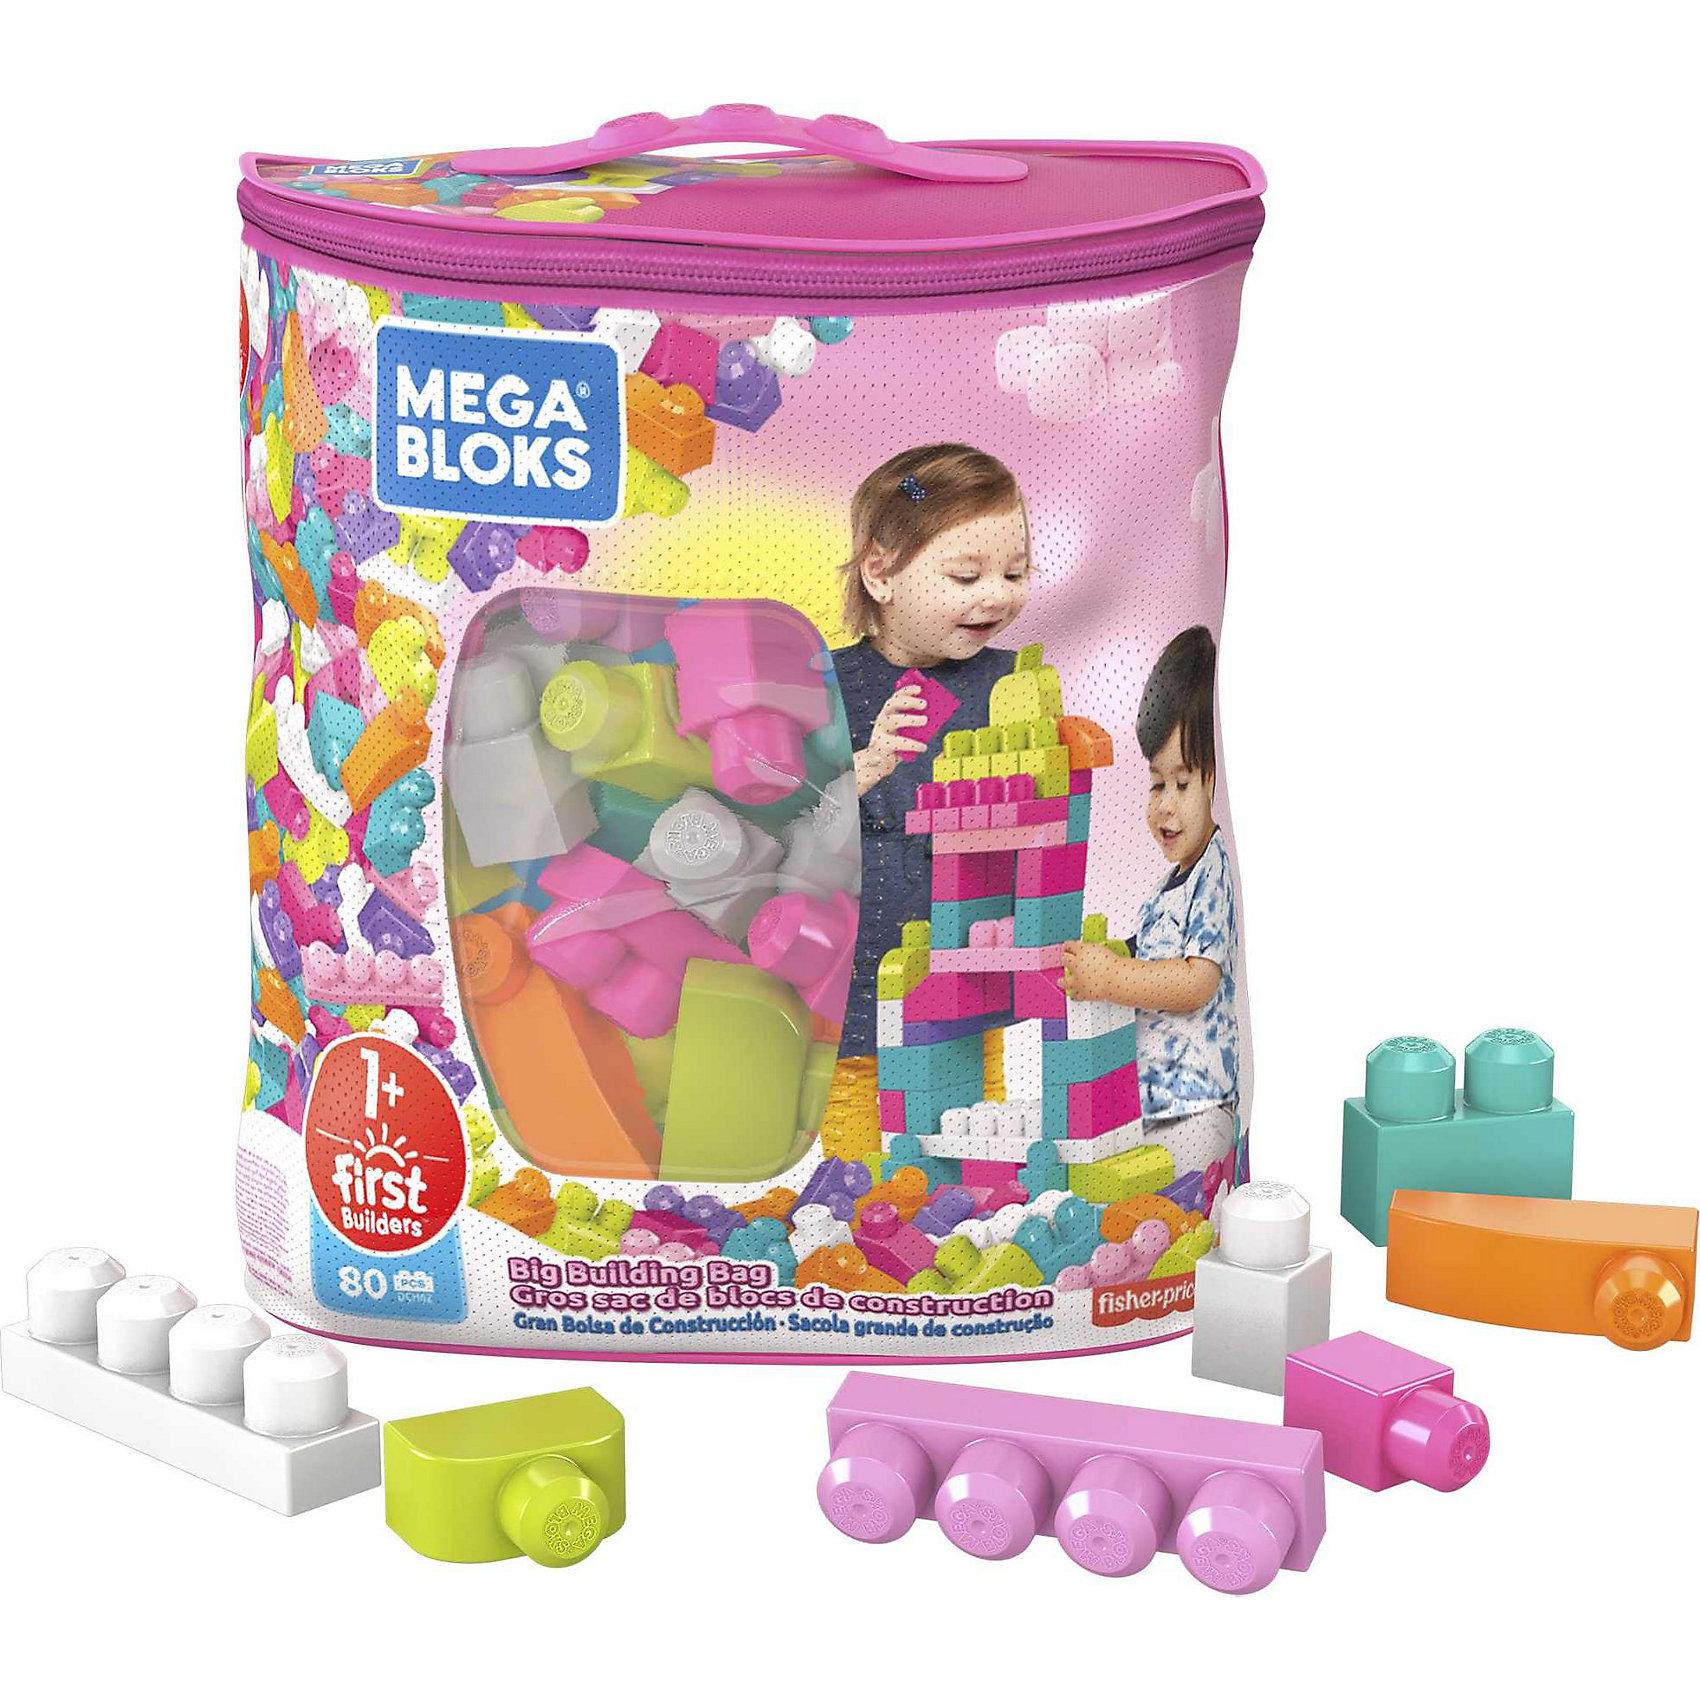 MEGA BLOKS Конструктор 80 деталей First Builders, пастельных цветов, MEGA BLOKS танцующее пианино mega bloks